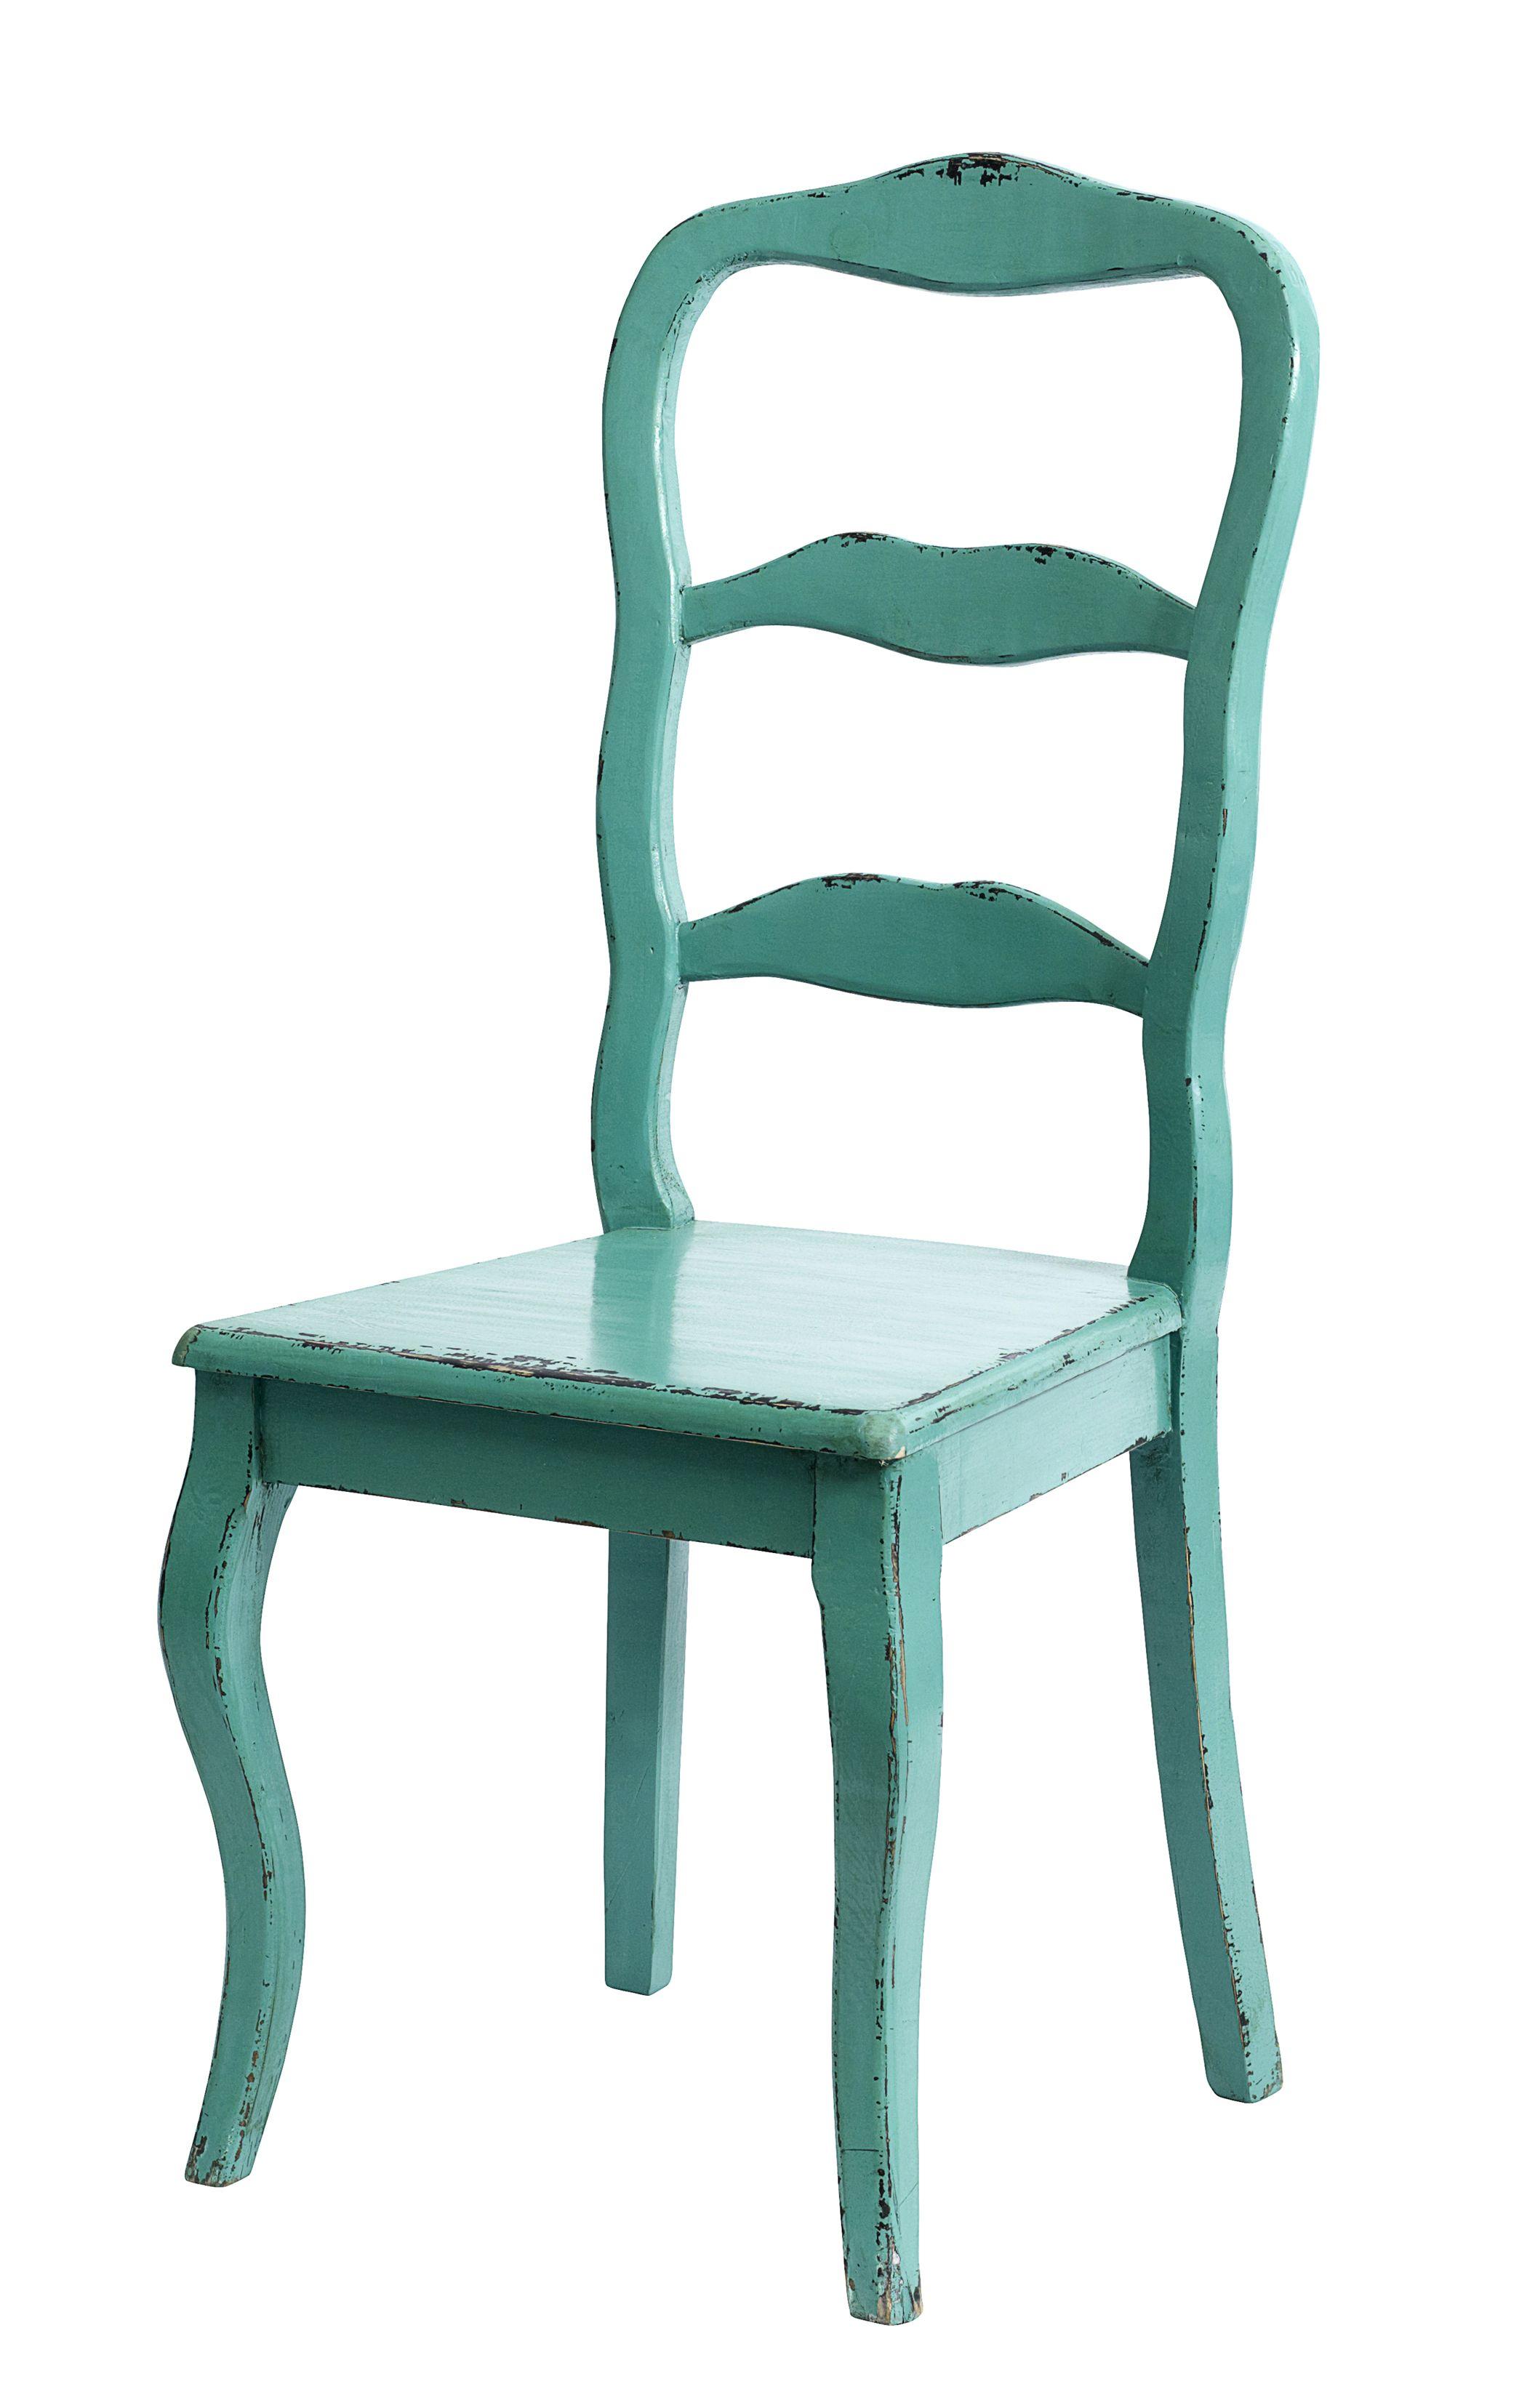 Muebles silla country sillas y sillones vintage muebles de estilo - Sillas estilo vintage ...